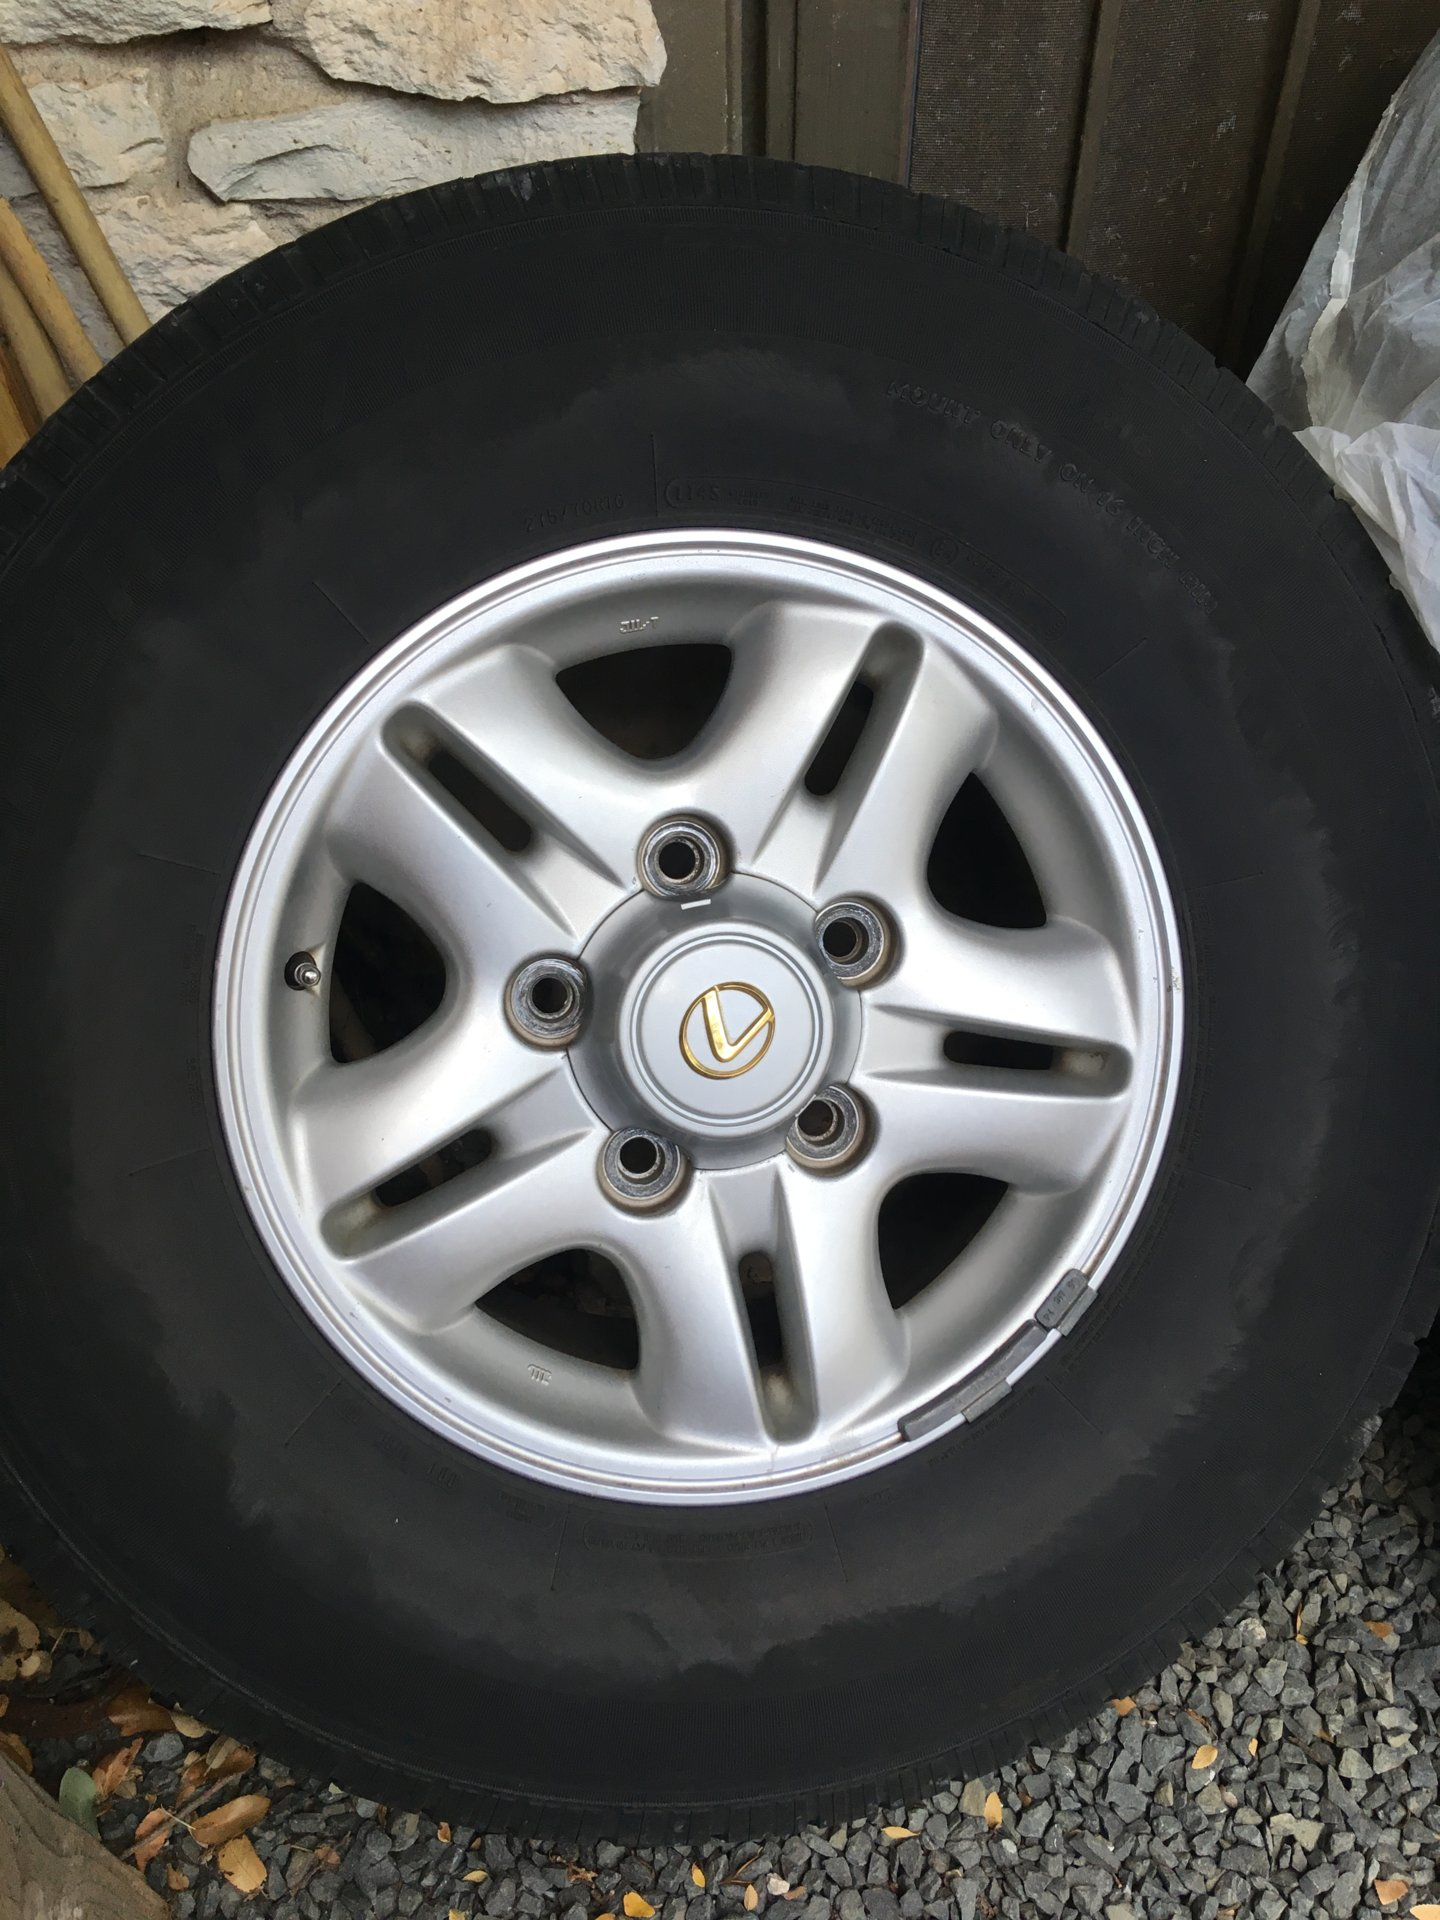 Dual-spoke_LX470_OEM_16in_wheel.jpeg